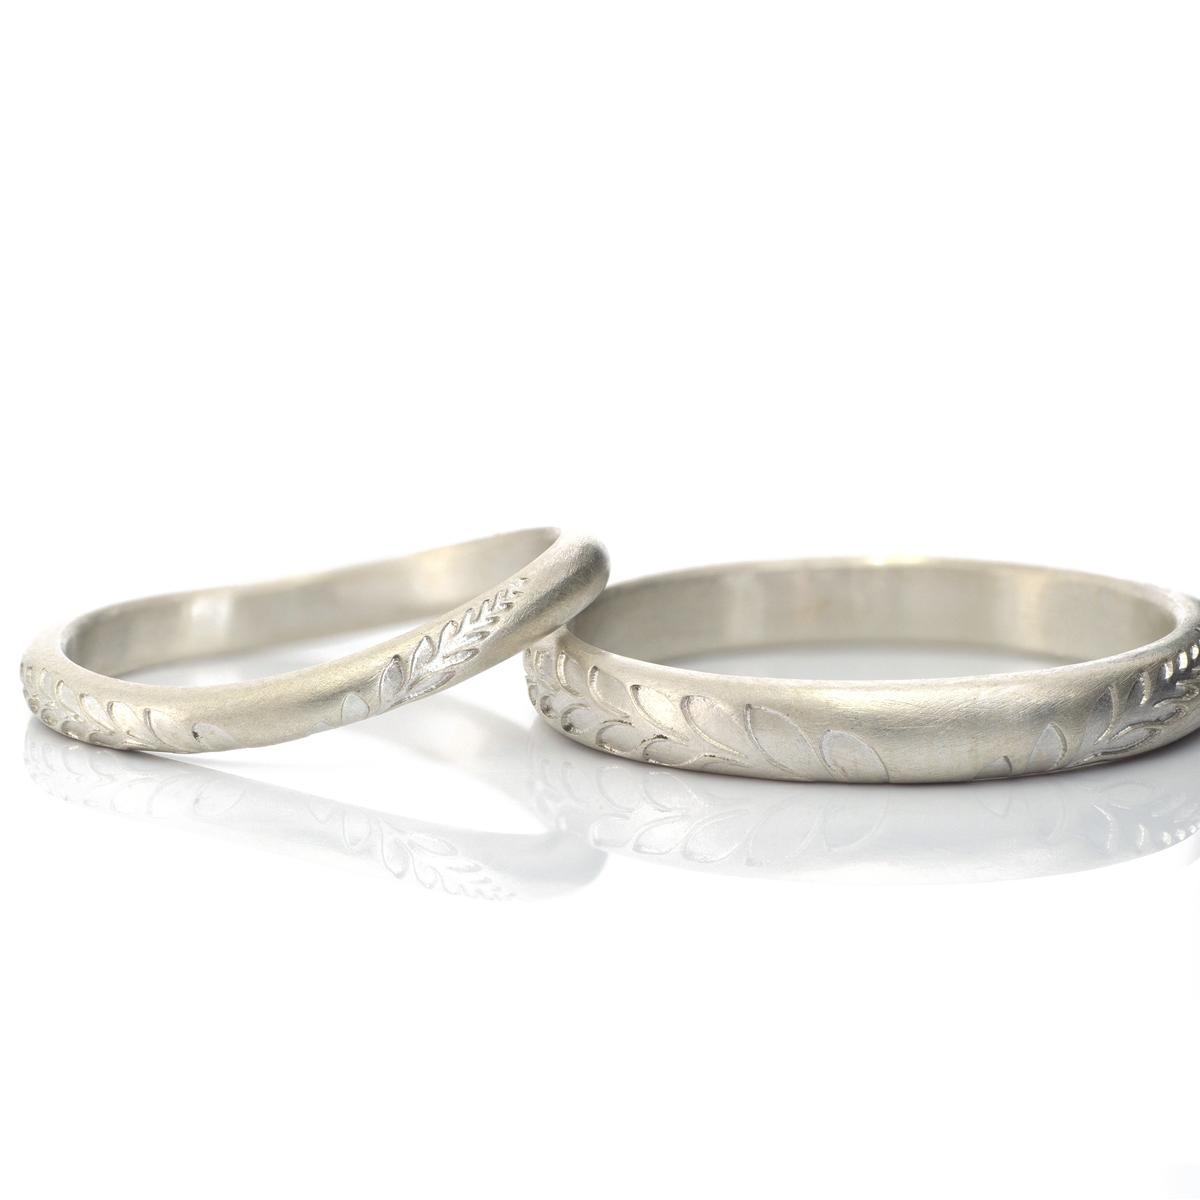 オーダーメイドマリッジリング シルバー 屋久島のシダモチーフ 屋久島でつくる結婚指輪